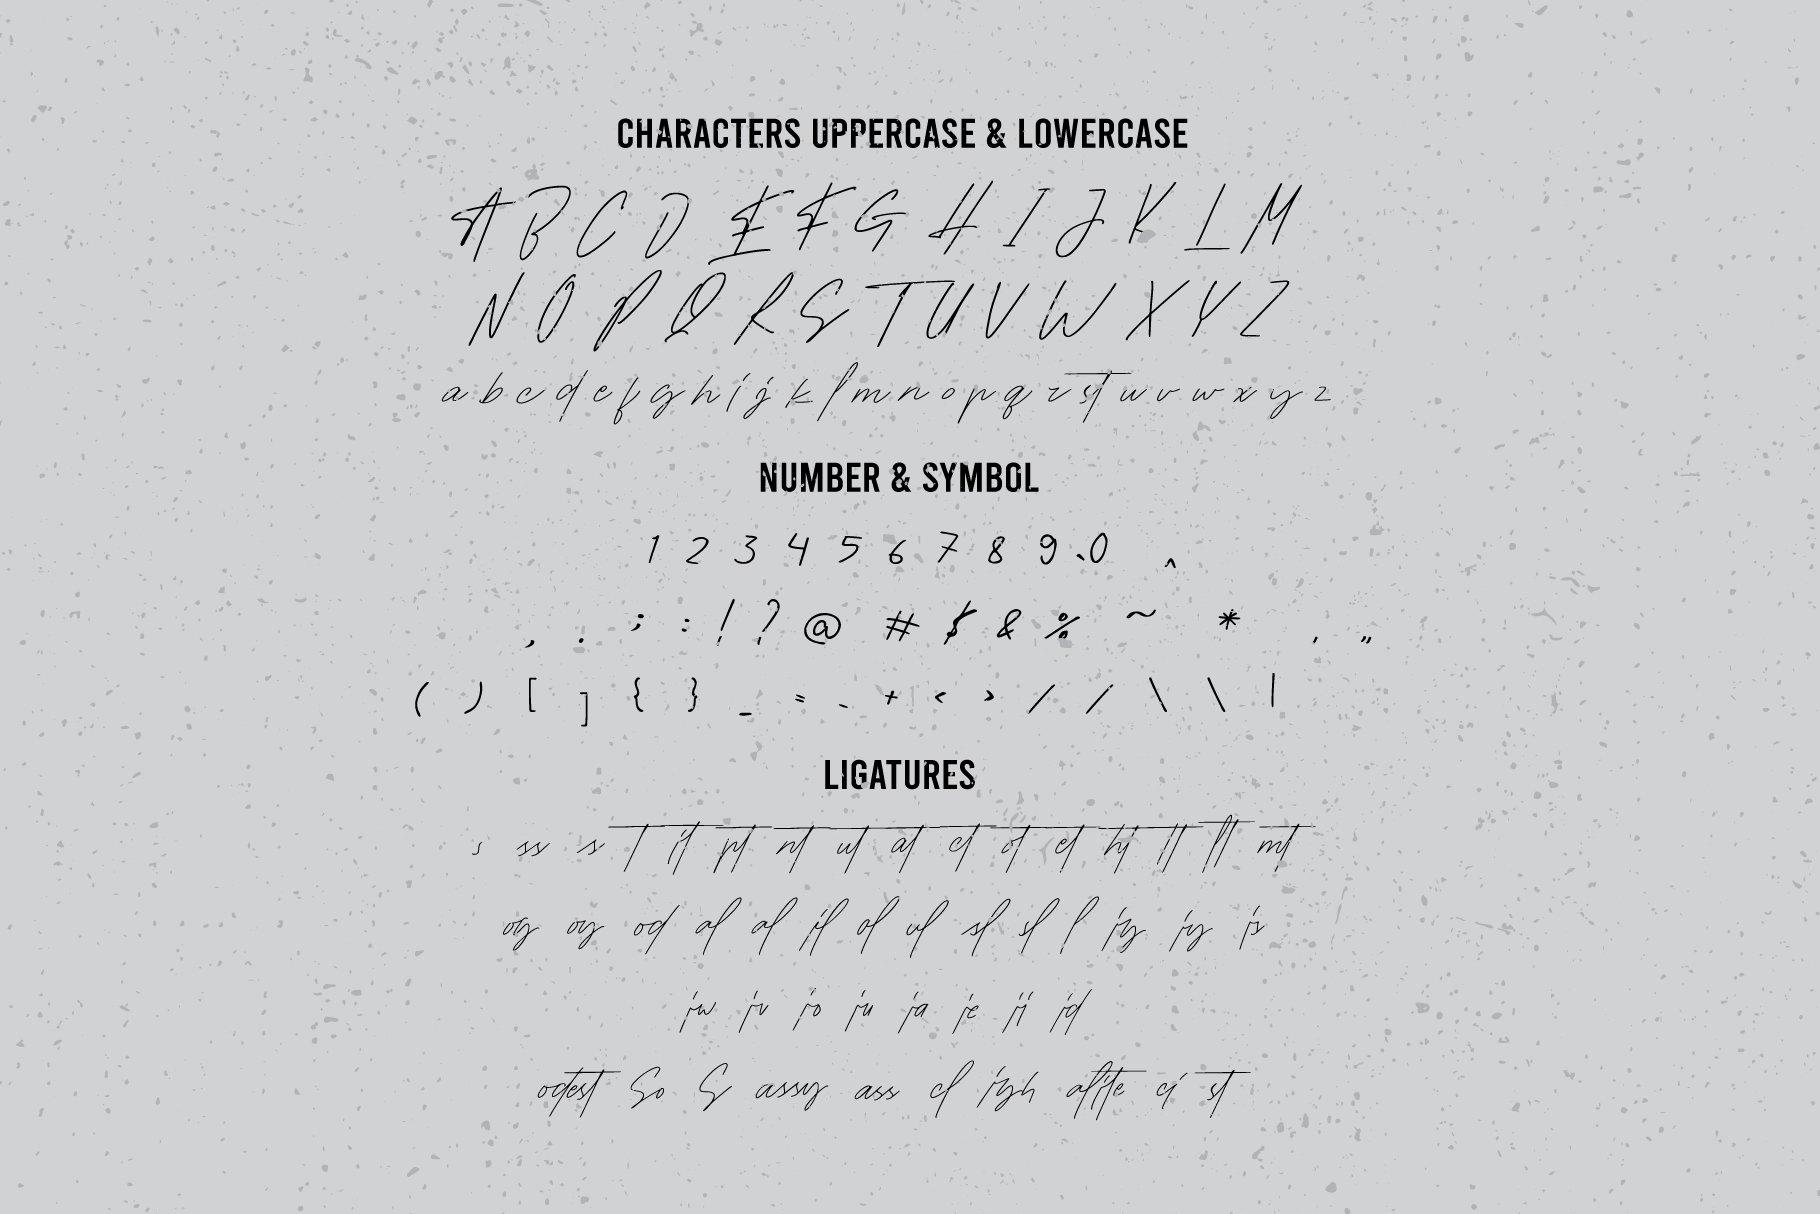 现代时尚海报标题品牌徽标Logo设计手写英文字体素材 Socialite Font插图7